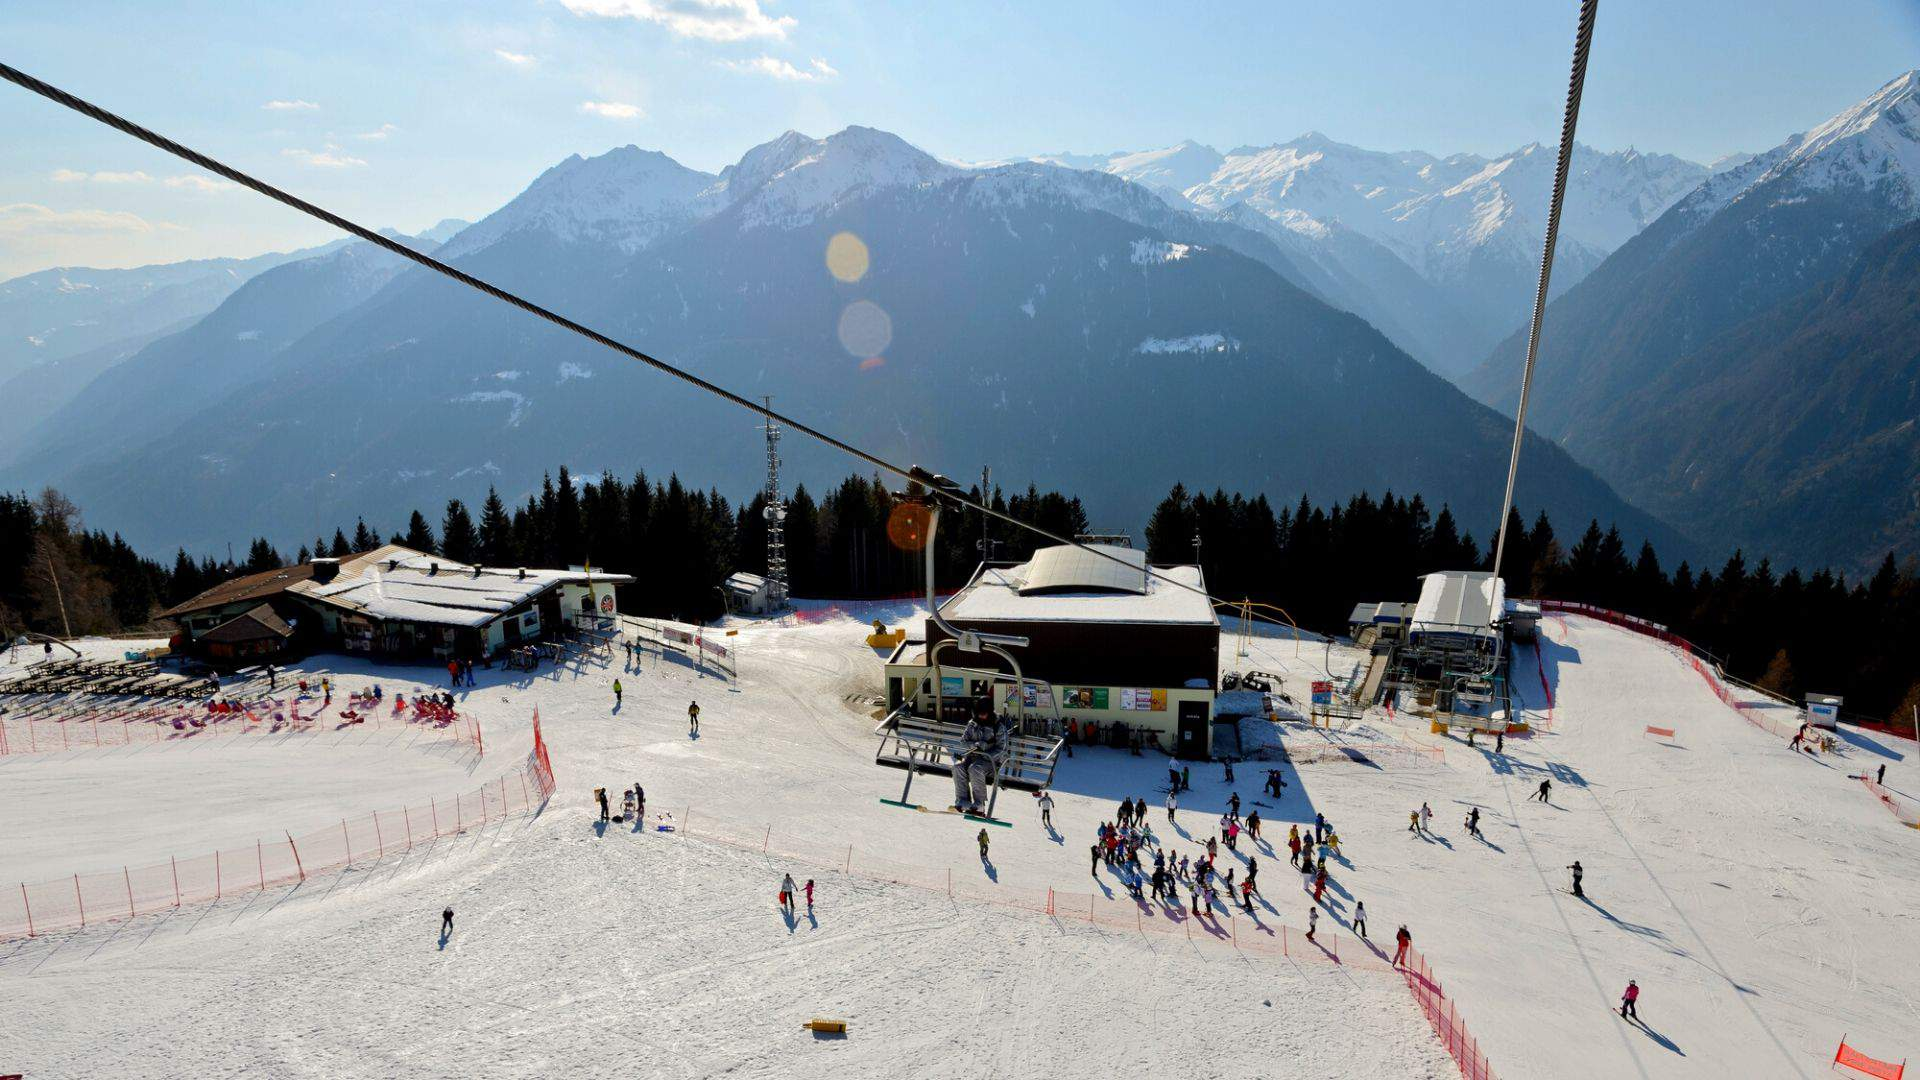 Jūsų laukia nuostabios slidinėjimo akimirkos Pinzolo kurorte